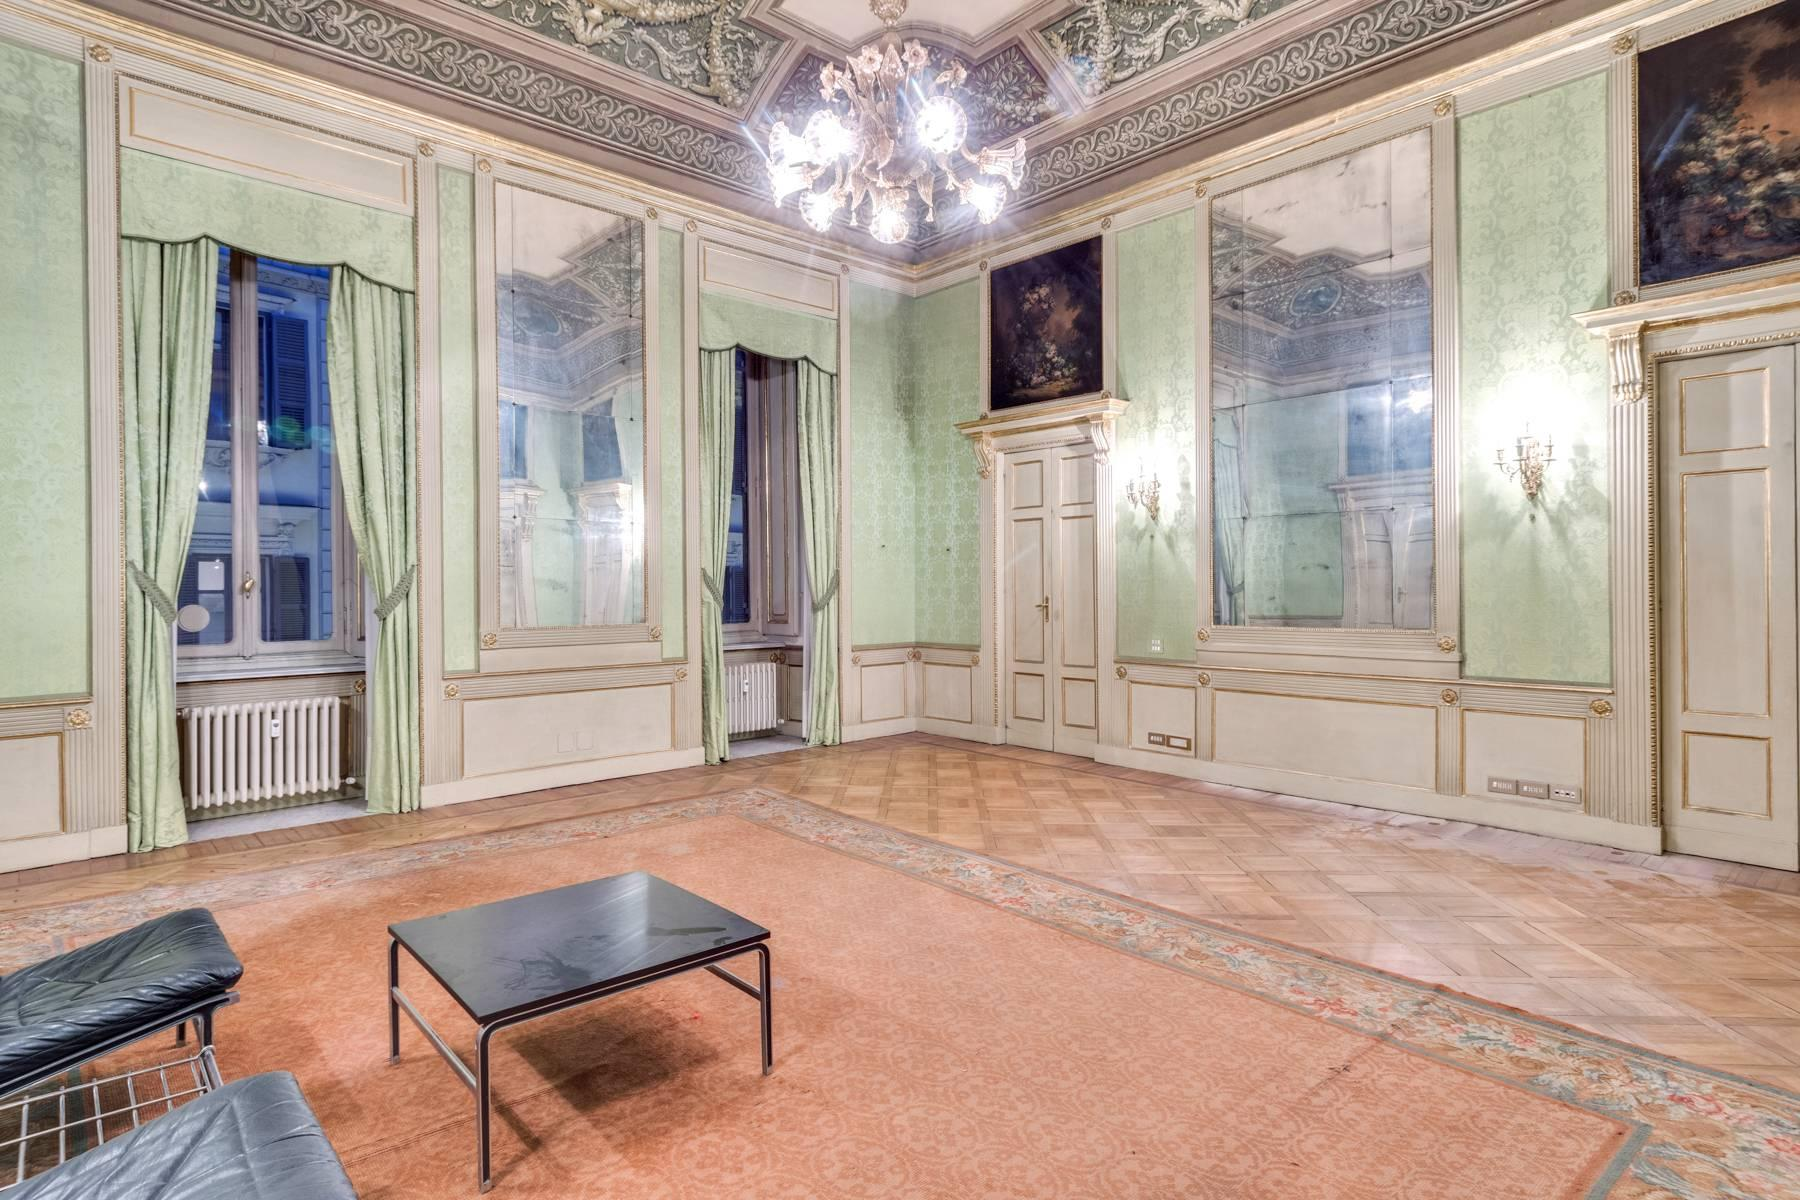 Appartement élégant dans un palais historique - 10